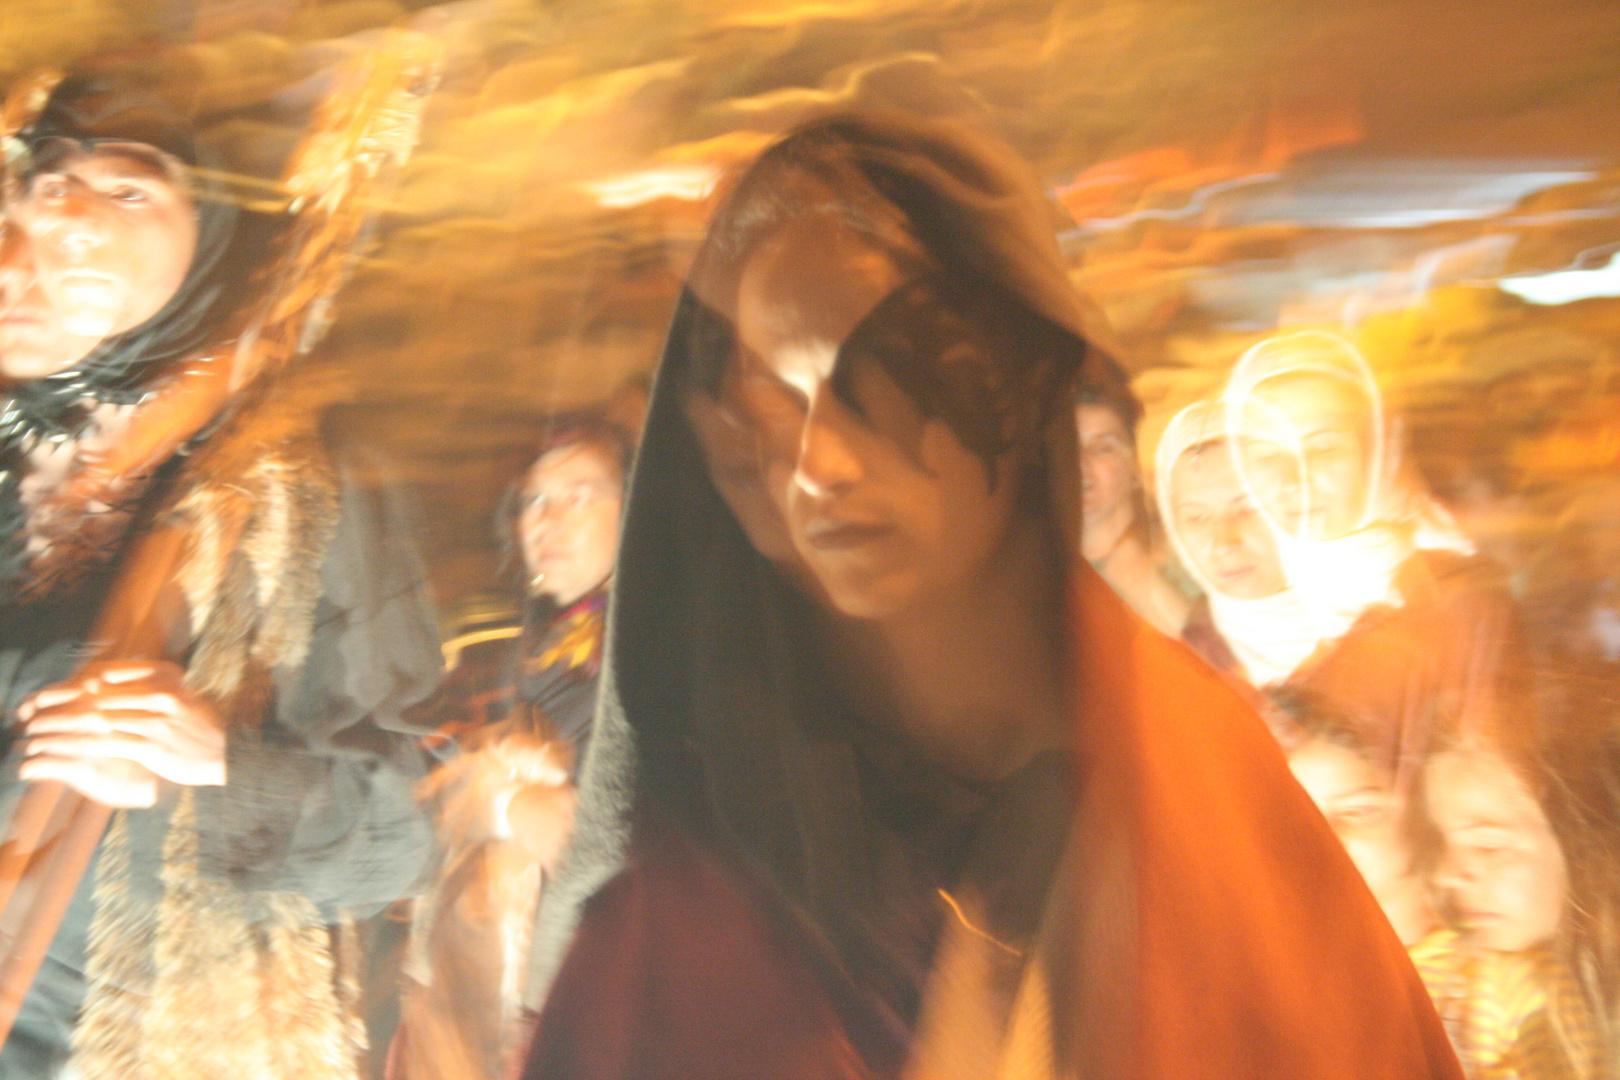 Mittelalter Festival in Lagos Portugal